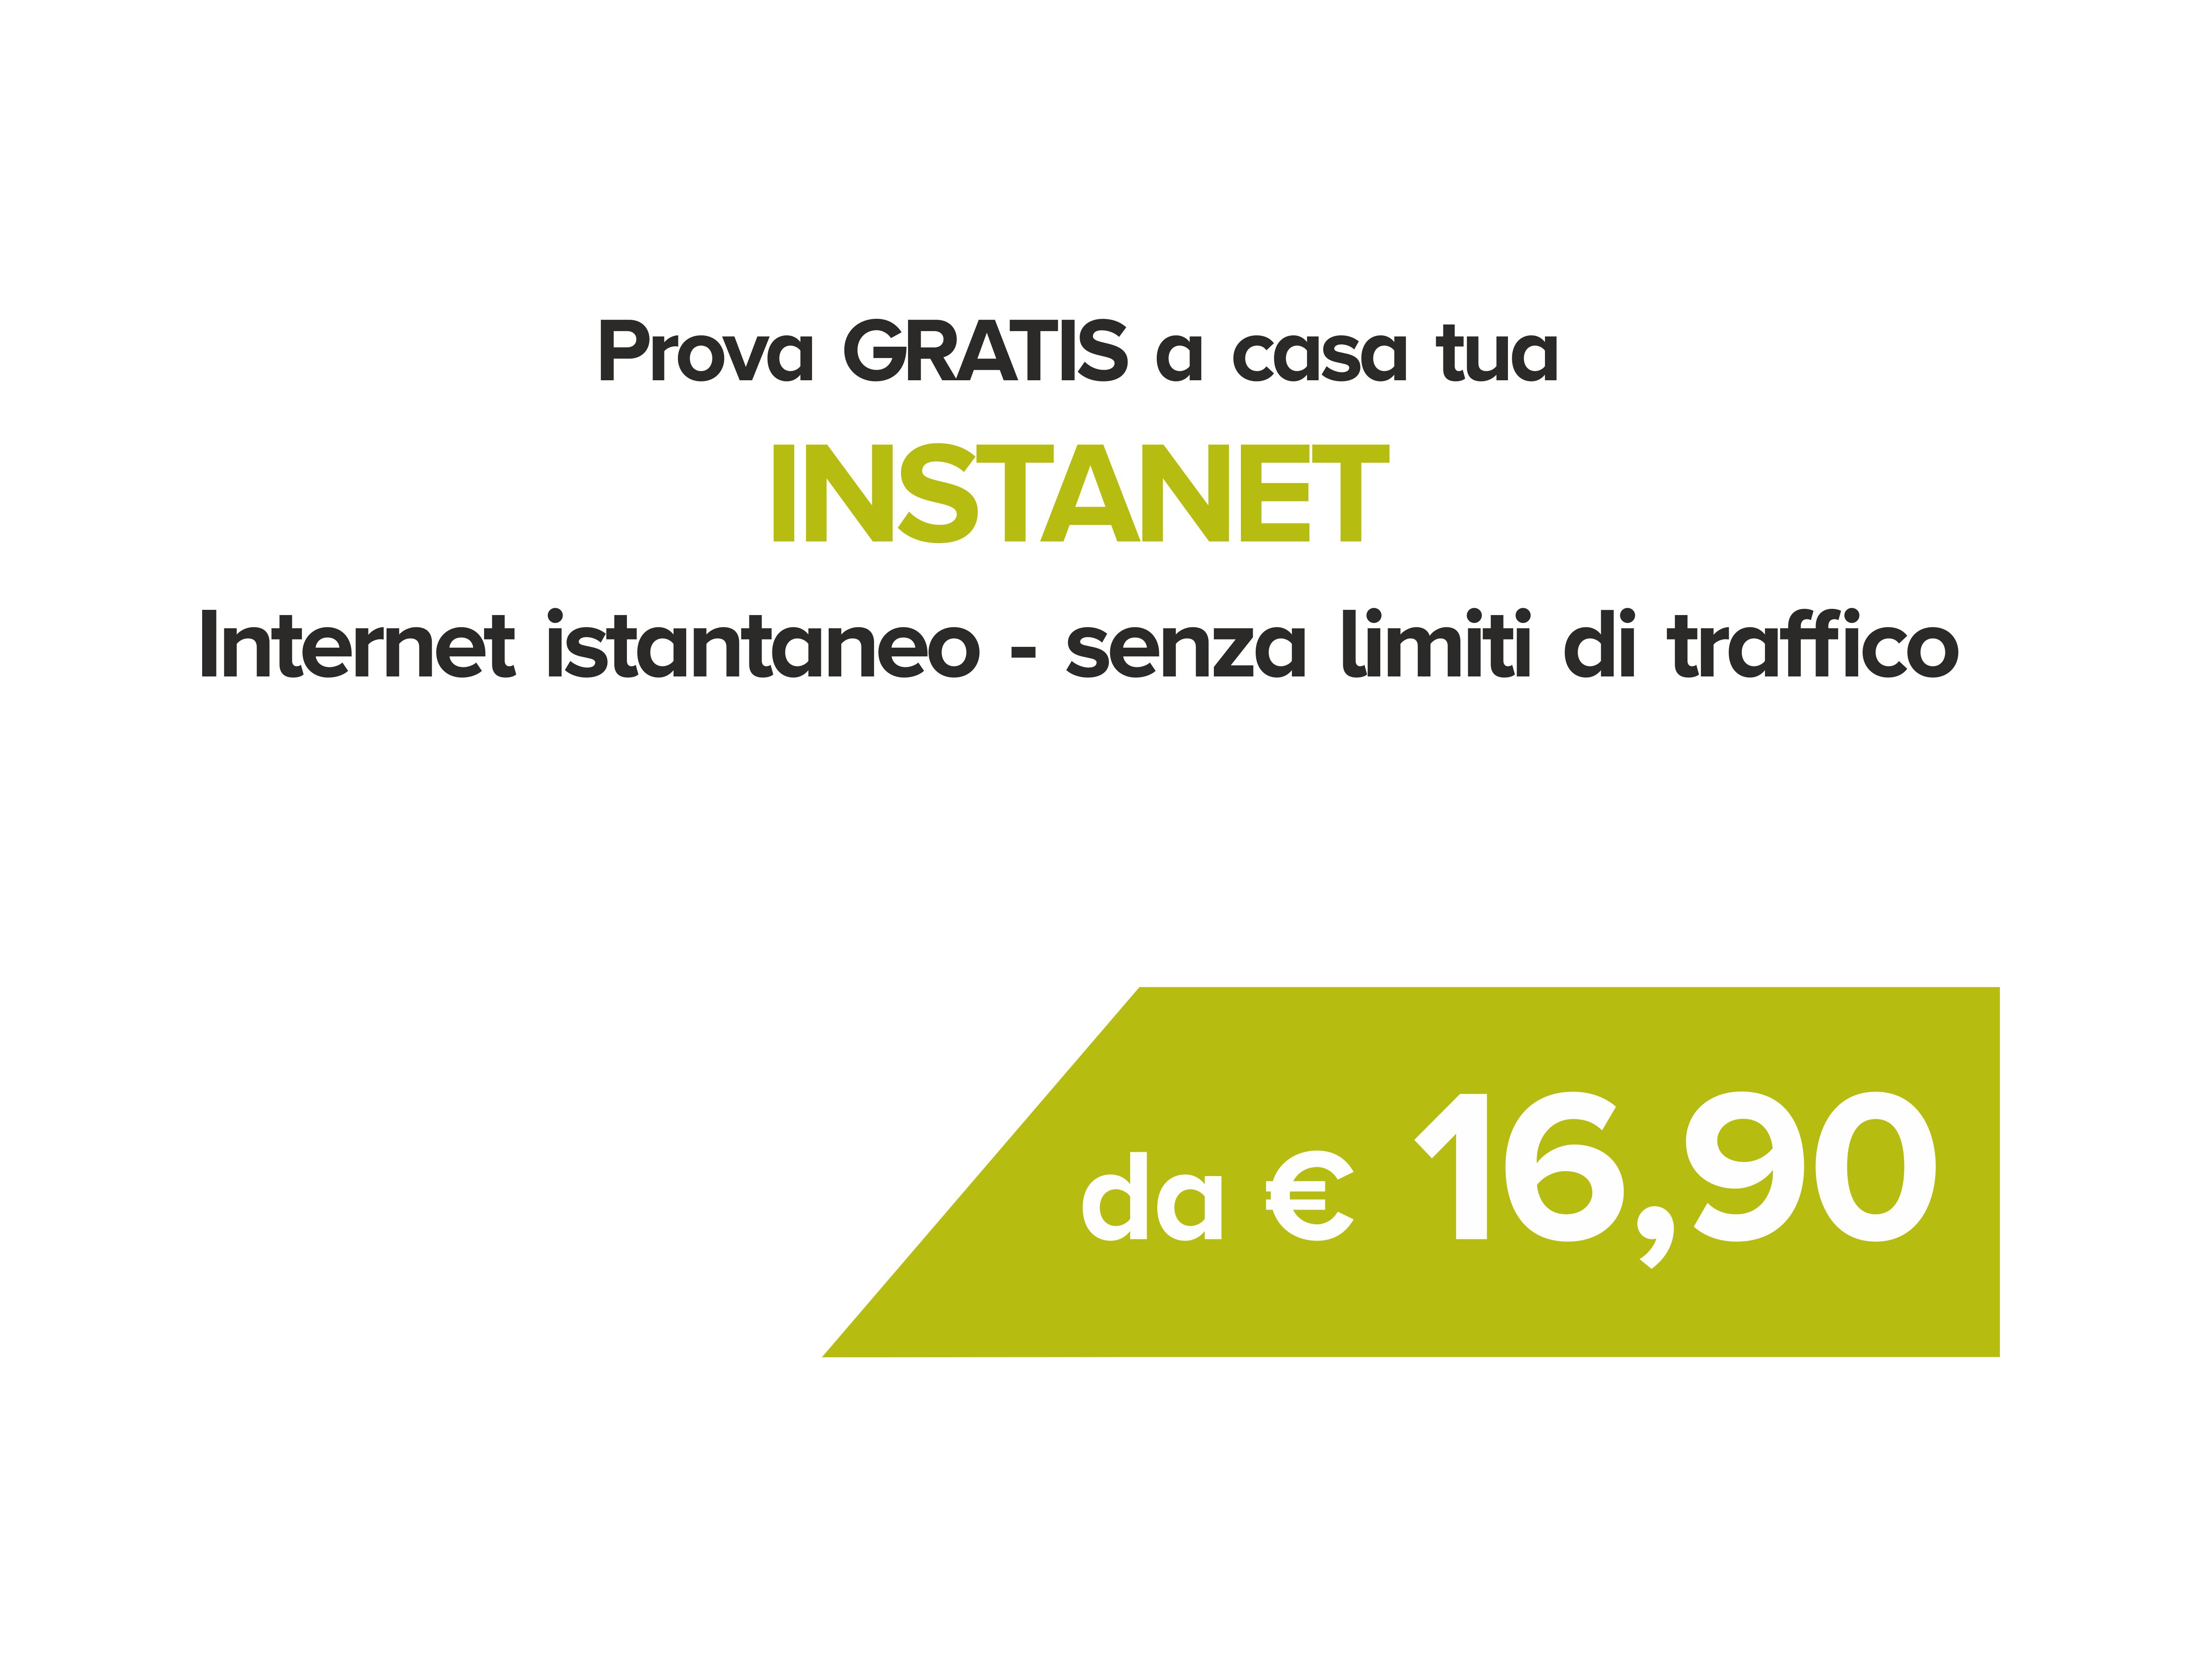 internet veloce milano